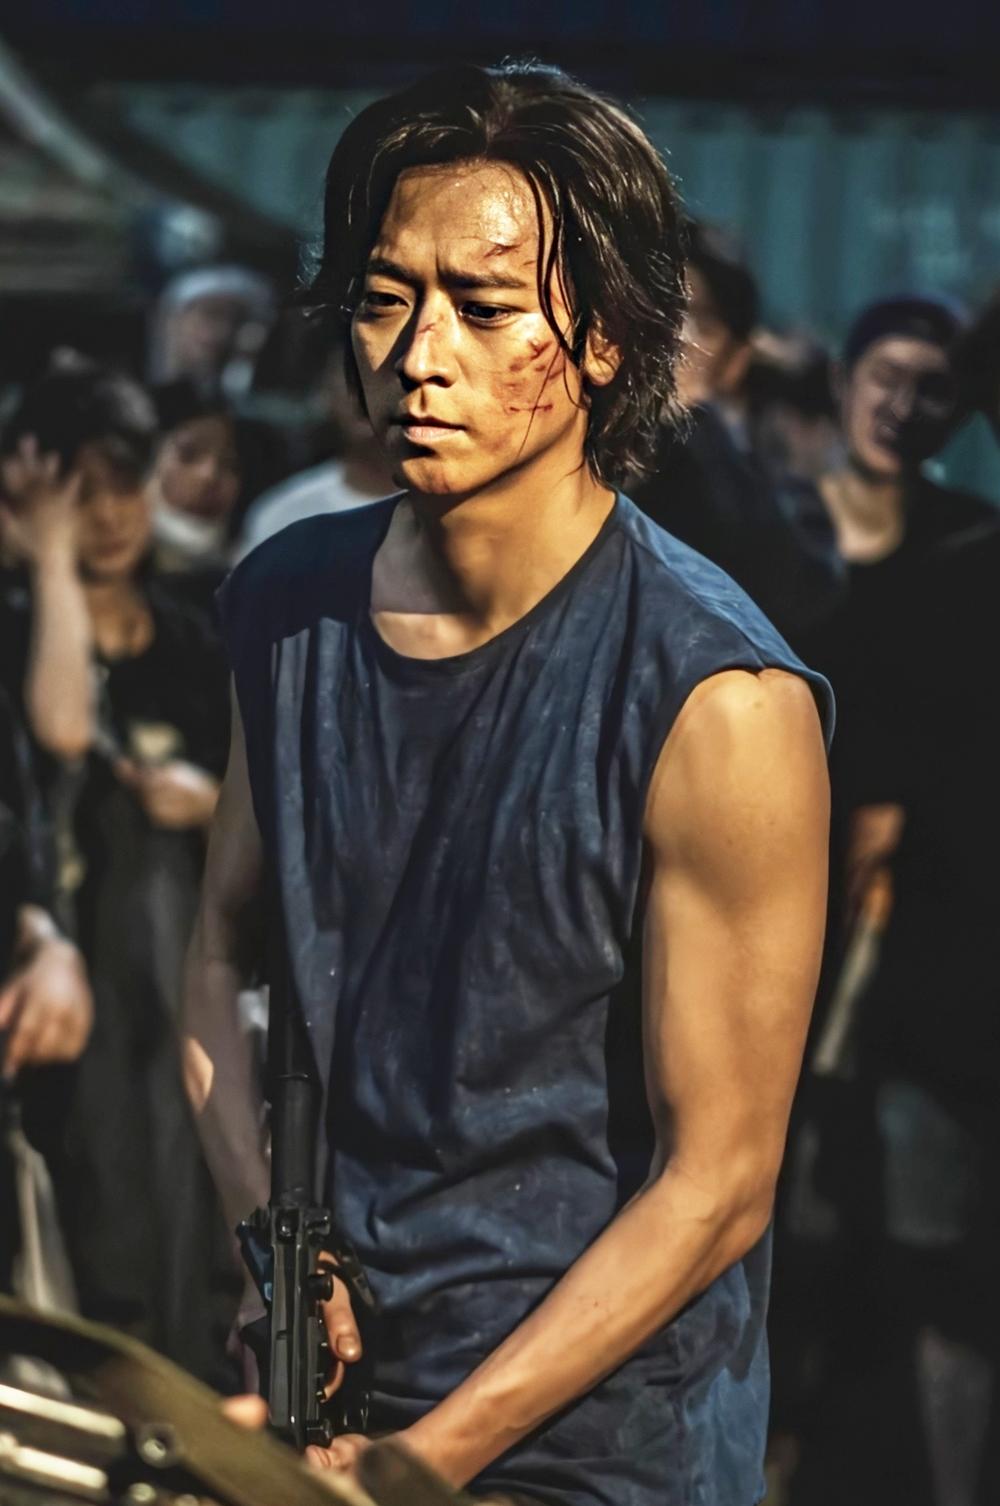 Kang Dong Won đang làm mưa làm gió phòng vé châu Á với vai chính trong phim xác sống Peninsula. Dự án thu về 25,4 triệu USD tại Hàn Quốc; vượt Parasite trở thành phim Hàn ăn khách nhất Việt Nam với doanh thu 83 tỷ đồng. Theo Pann, ngoài nội dung và đại cảnh hoành tráng, Kang Dong Won là một trong những lý do hút khán giả đến rạp. Anh được giới chuyên môn Hàn xếp vào danh sách ngôi sao bảo chứng phòng vé